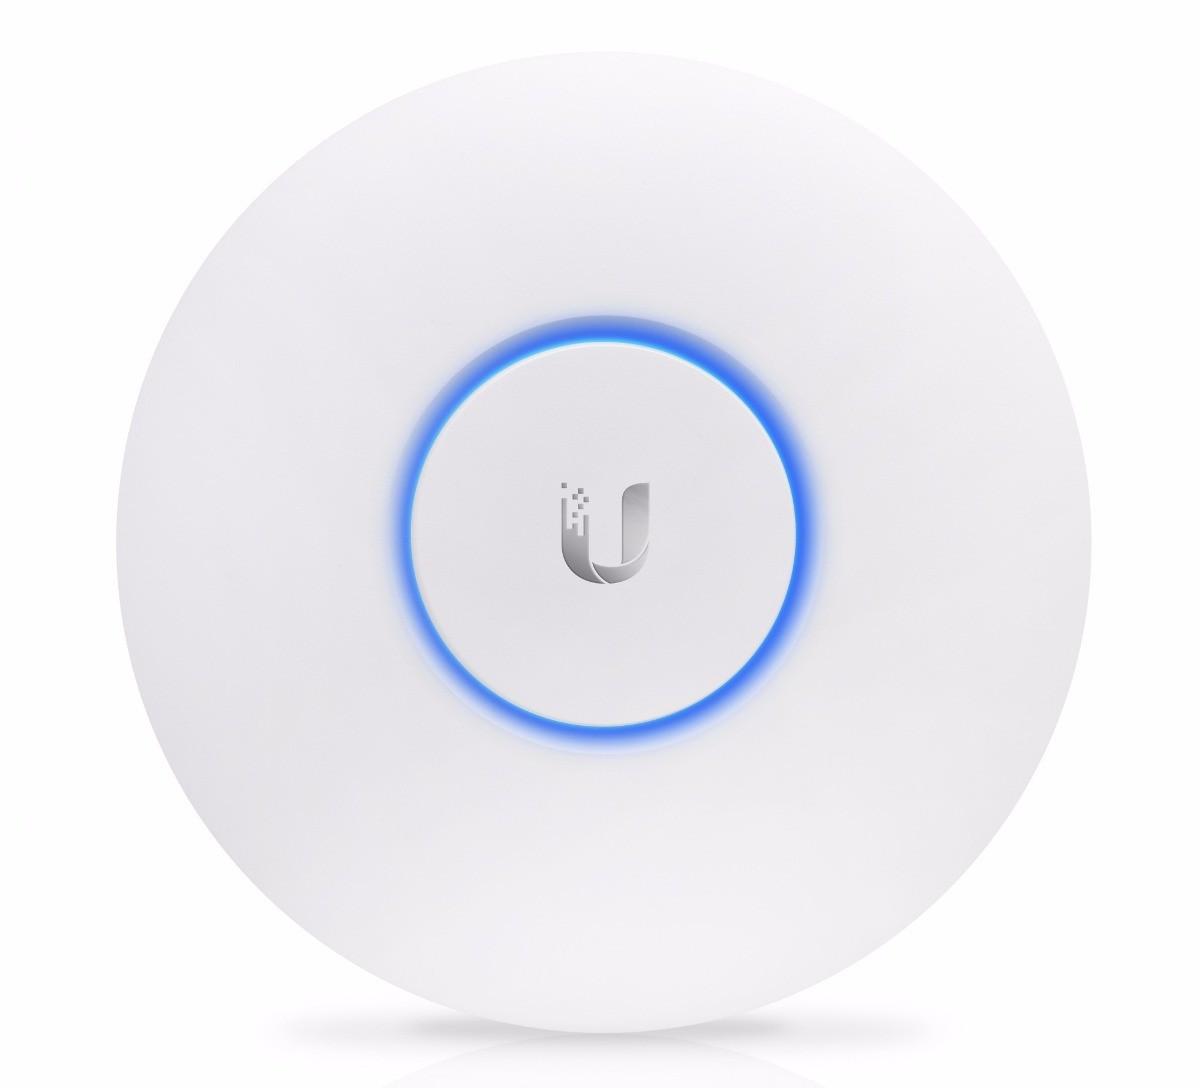 Ubiquiti AP Unifi Uap-Ac-Pro-BR Mimo 2.4/5.0GHZ